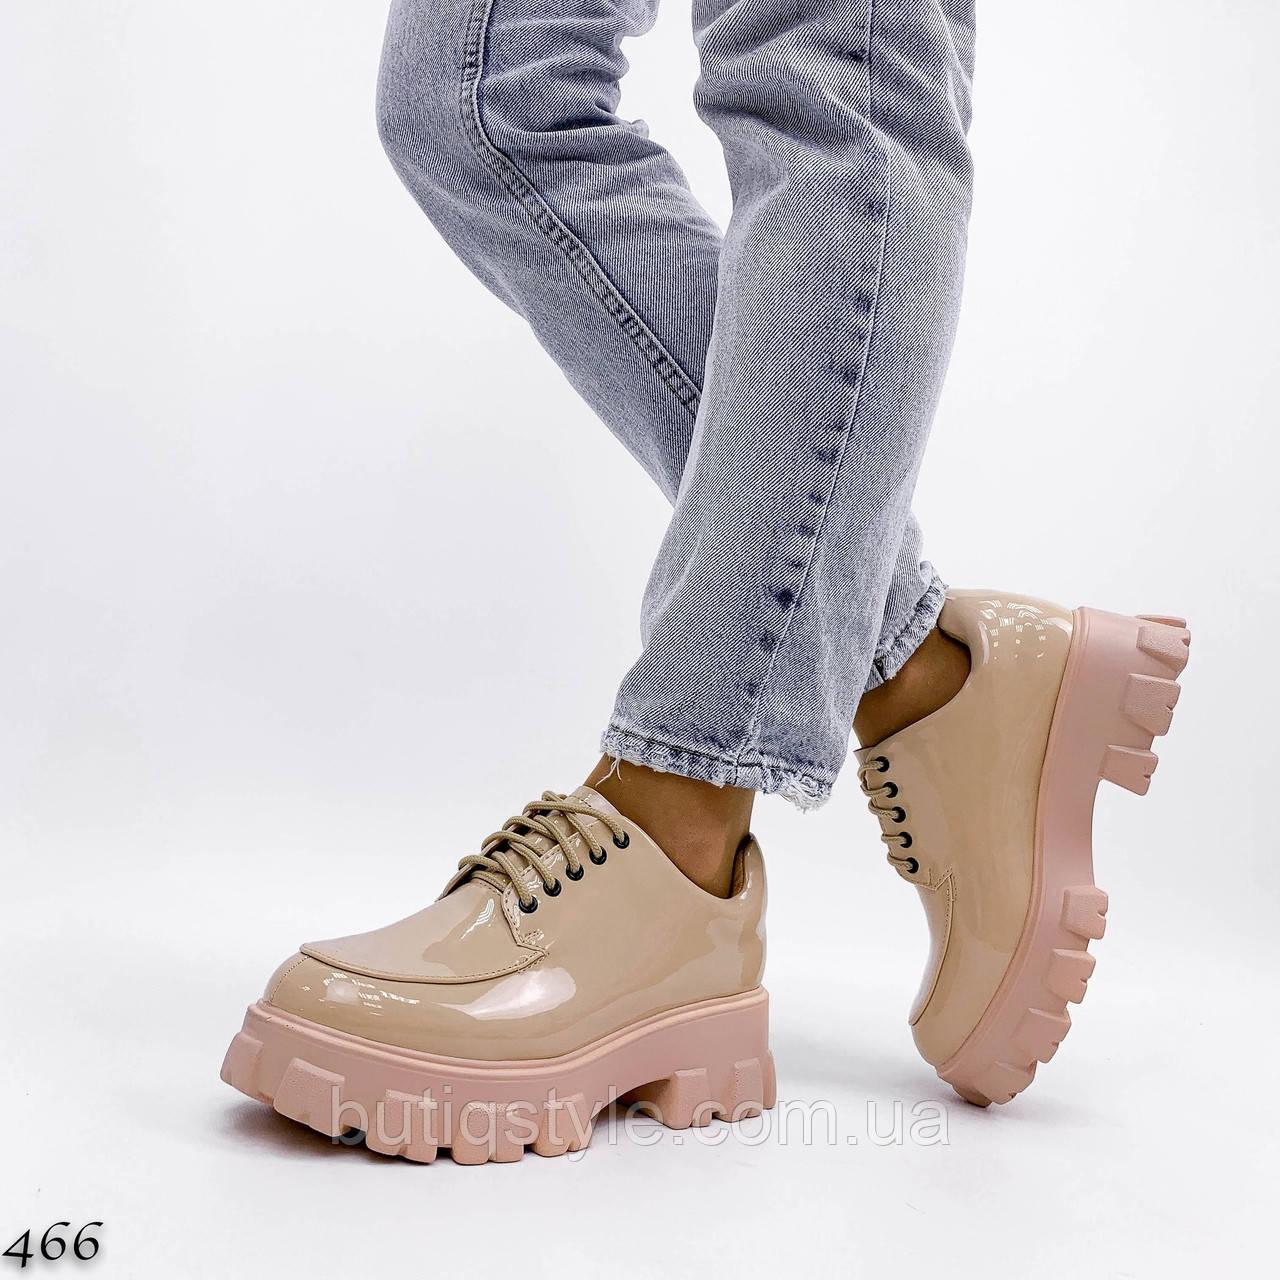 Жіночі бежеві броги еко-лак на шнурівці